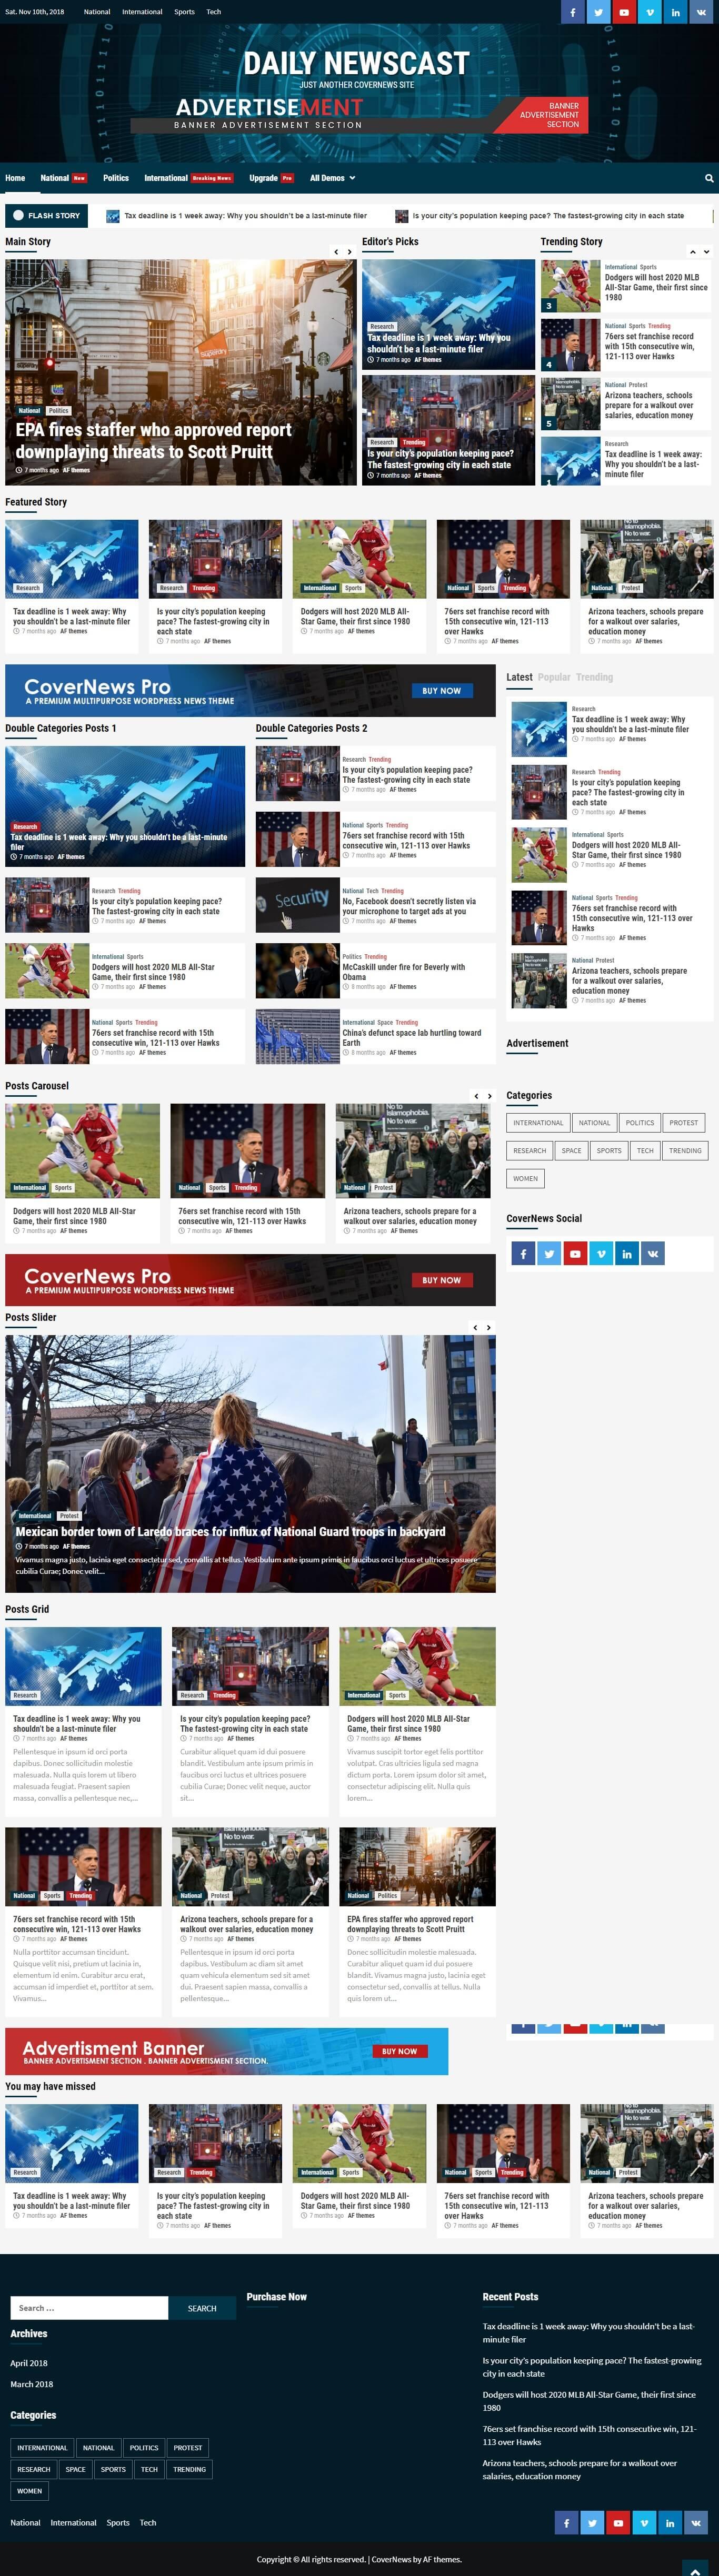 Daily Newscast